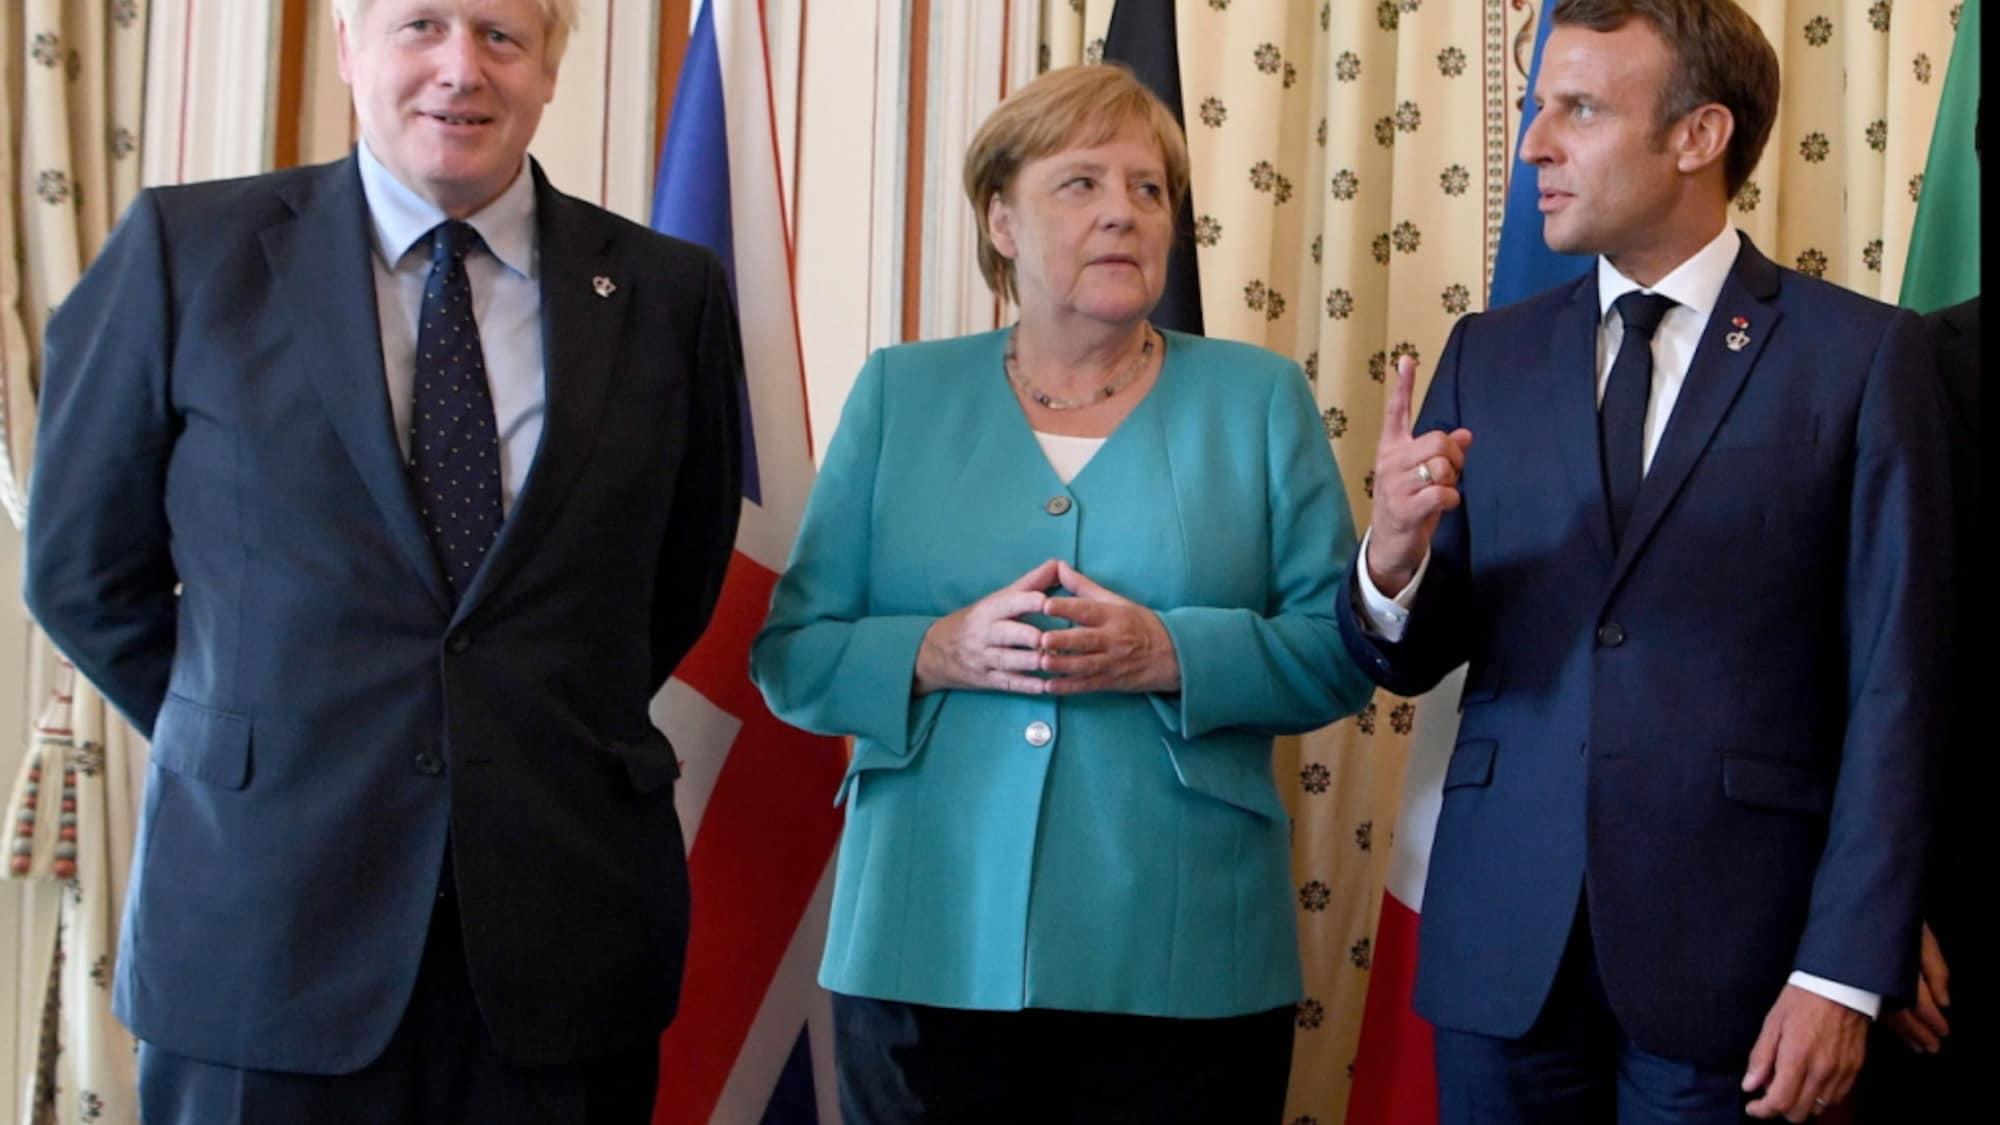 G7-Gipfel: Drohgebärden zum G7-Auftakt - Ausschreitungen bei Protesten